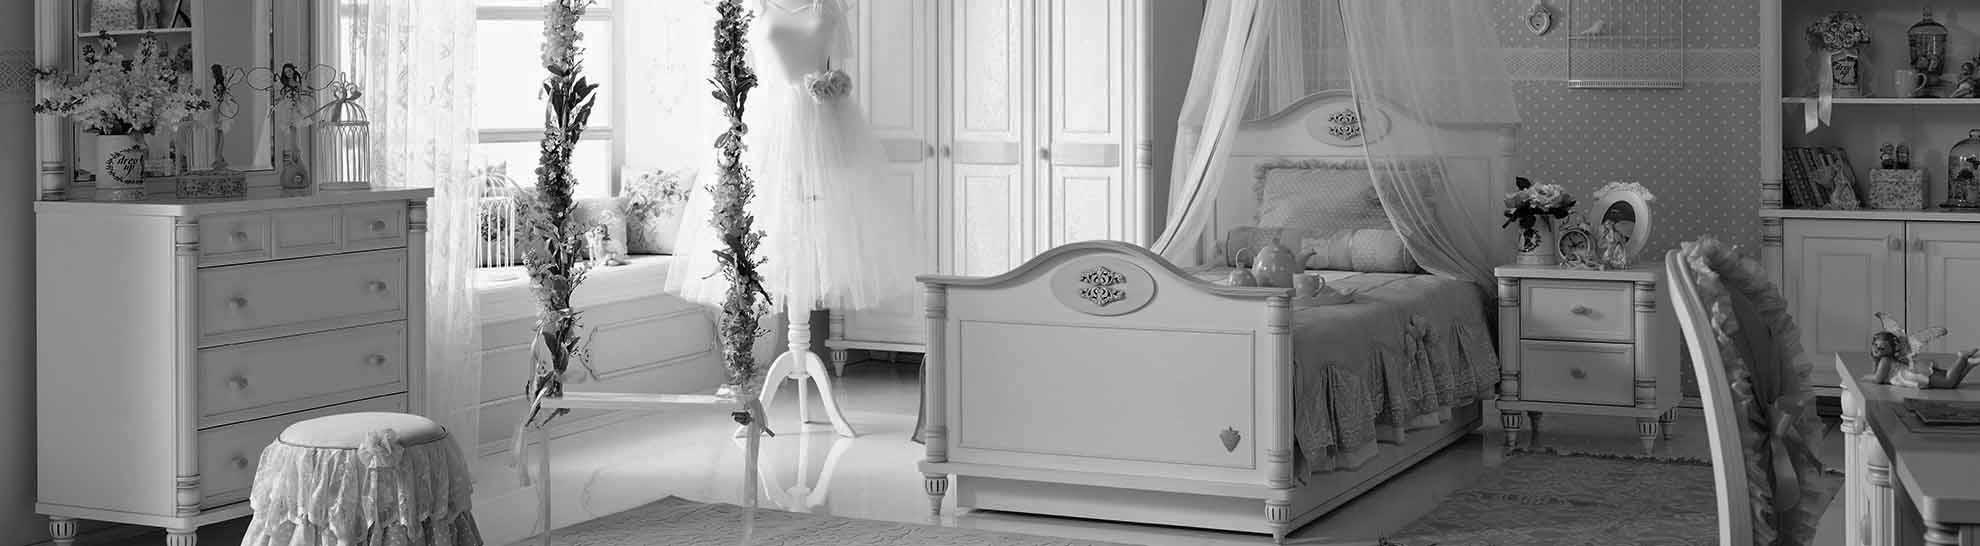 παιδικο δωματιο romantic